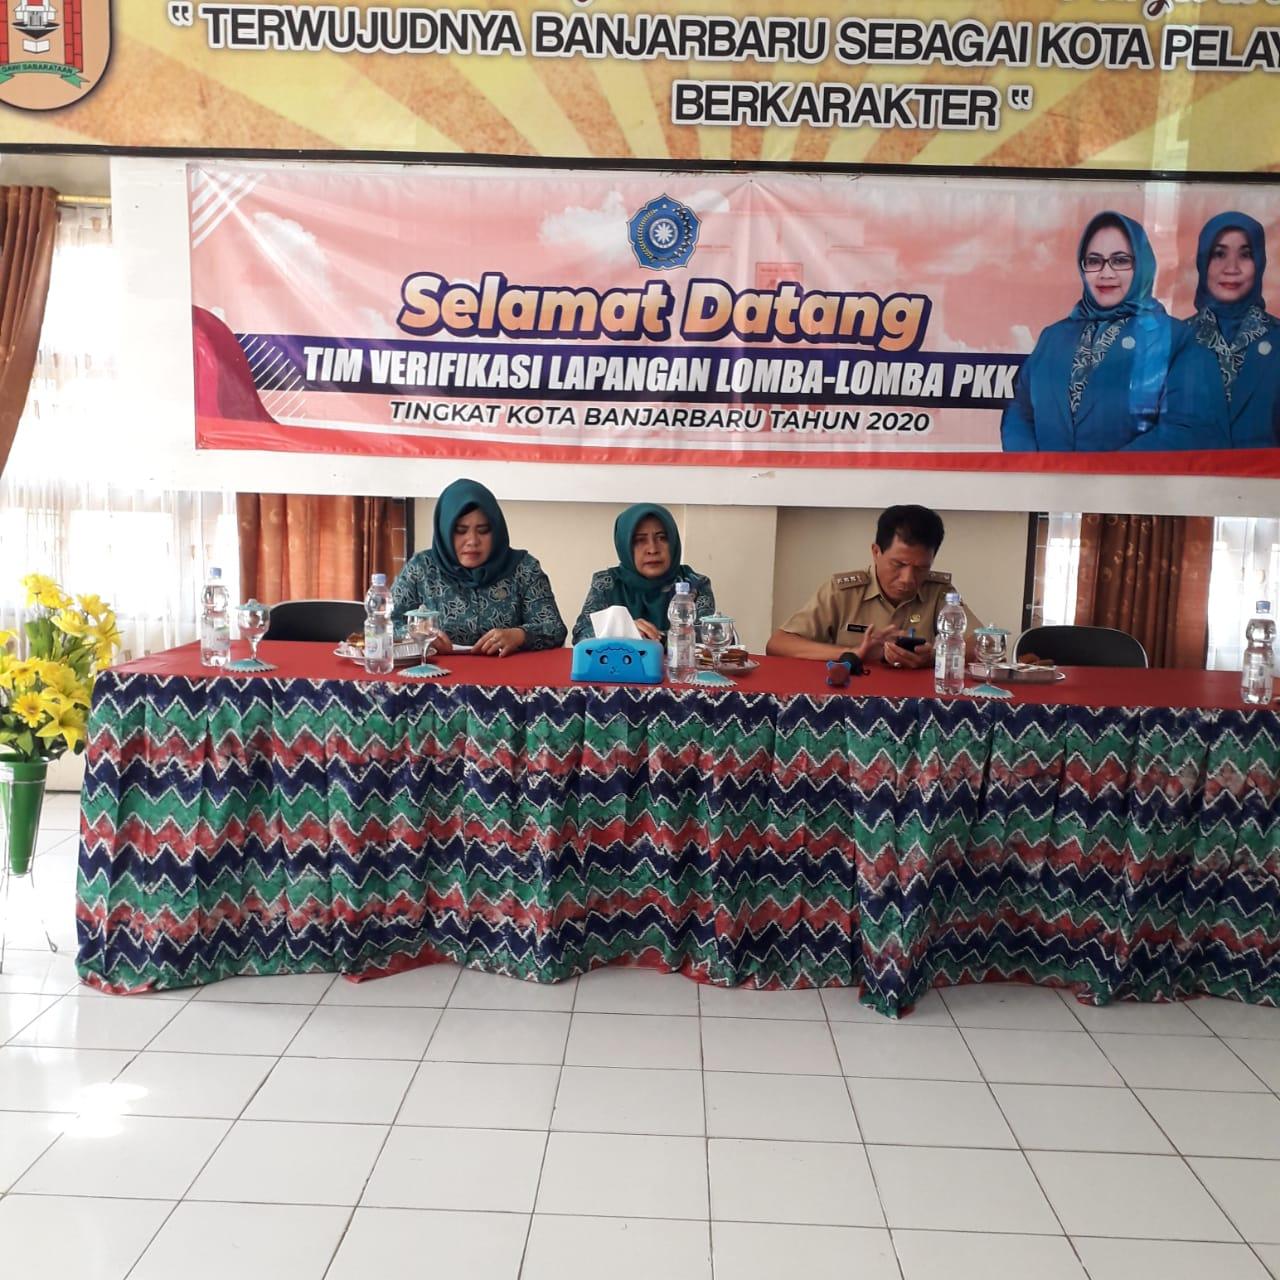 Ekspose Verifikasi lapangan Iva Test Tingkat Kota Banjarbaru